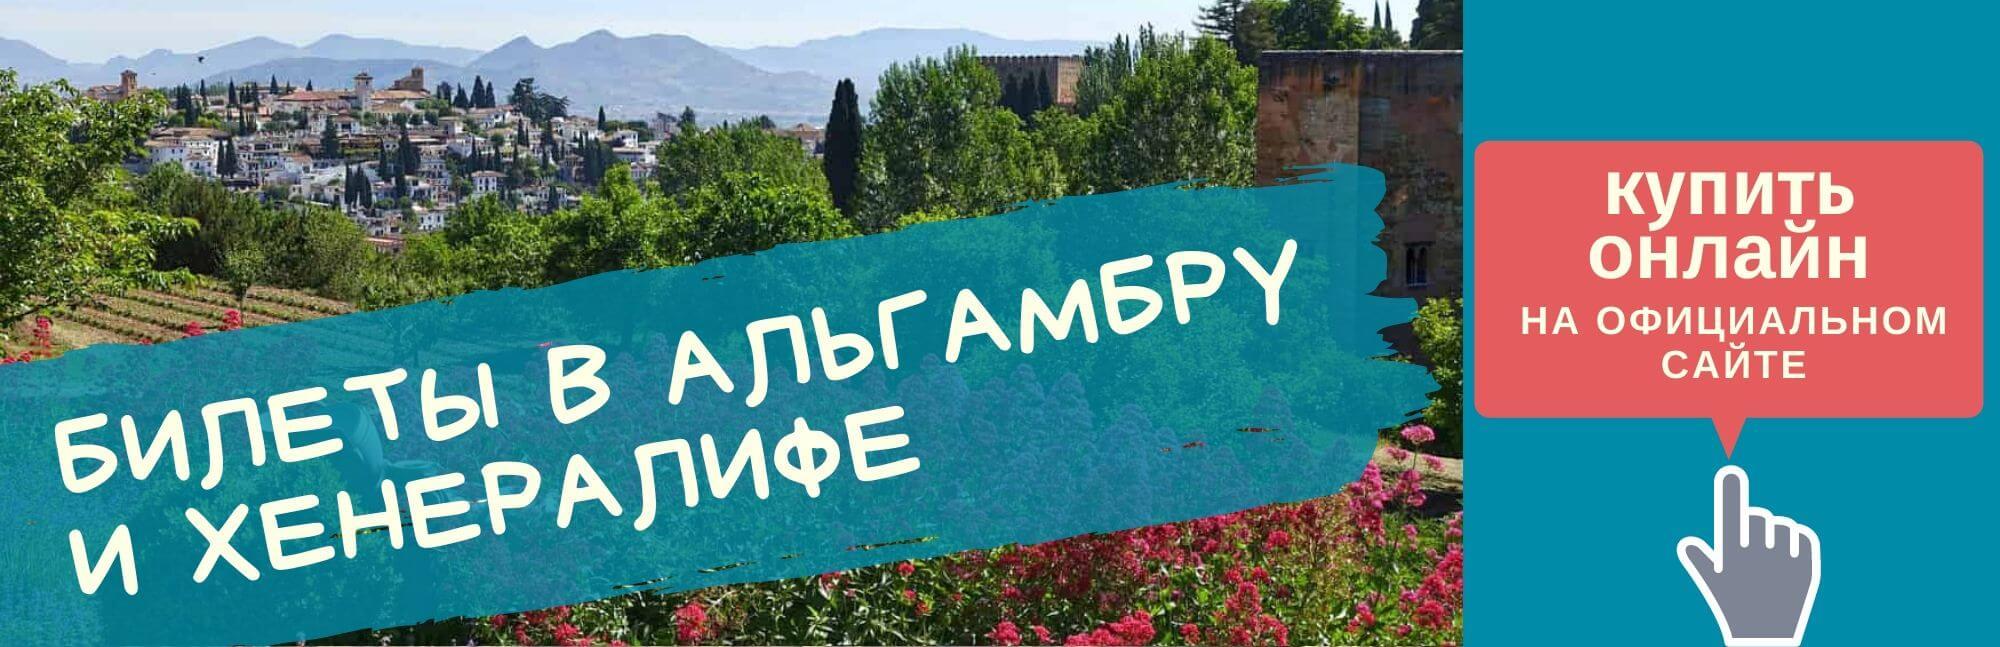 Купить билет в Альгамбру онлайн